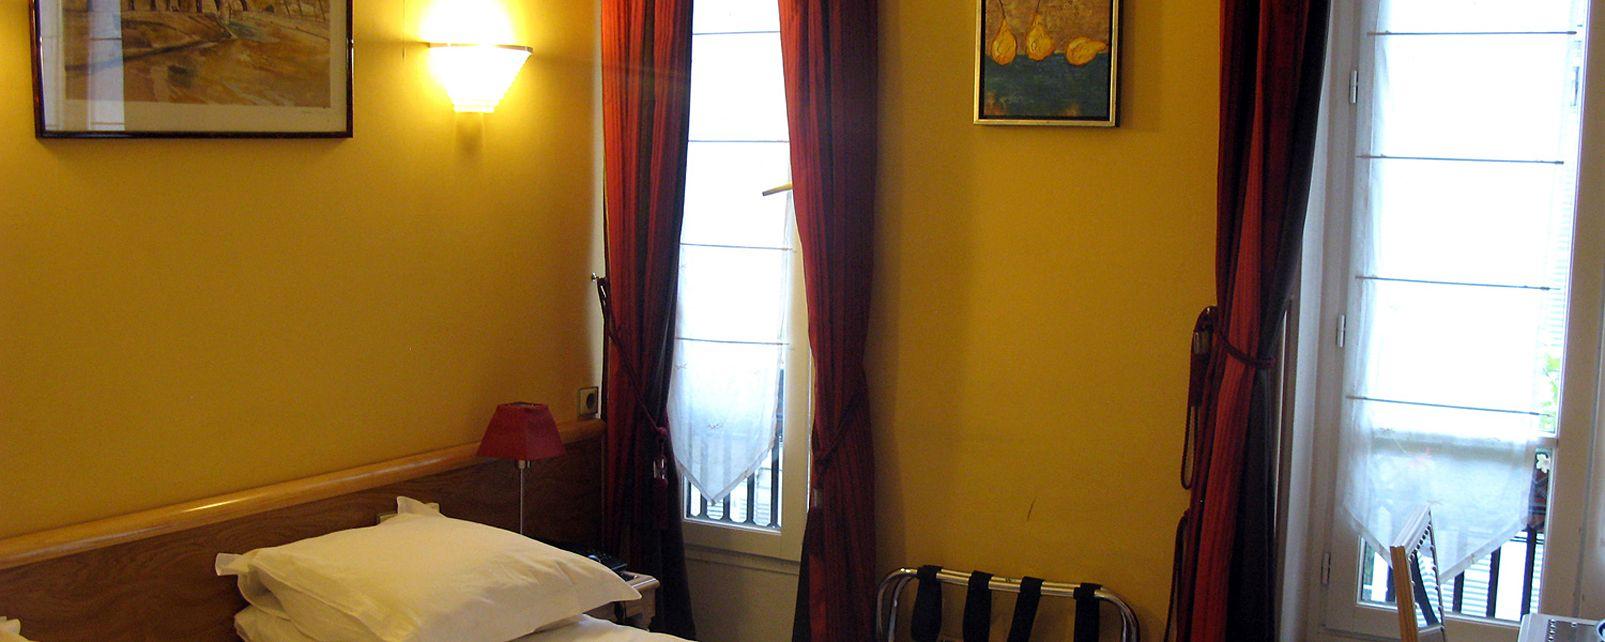 Hotel Aida Marais Printania Parigi